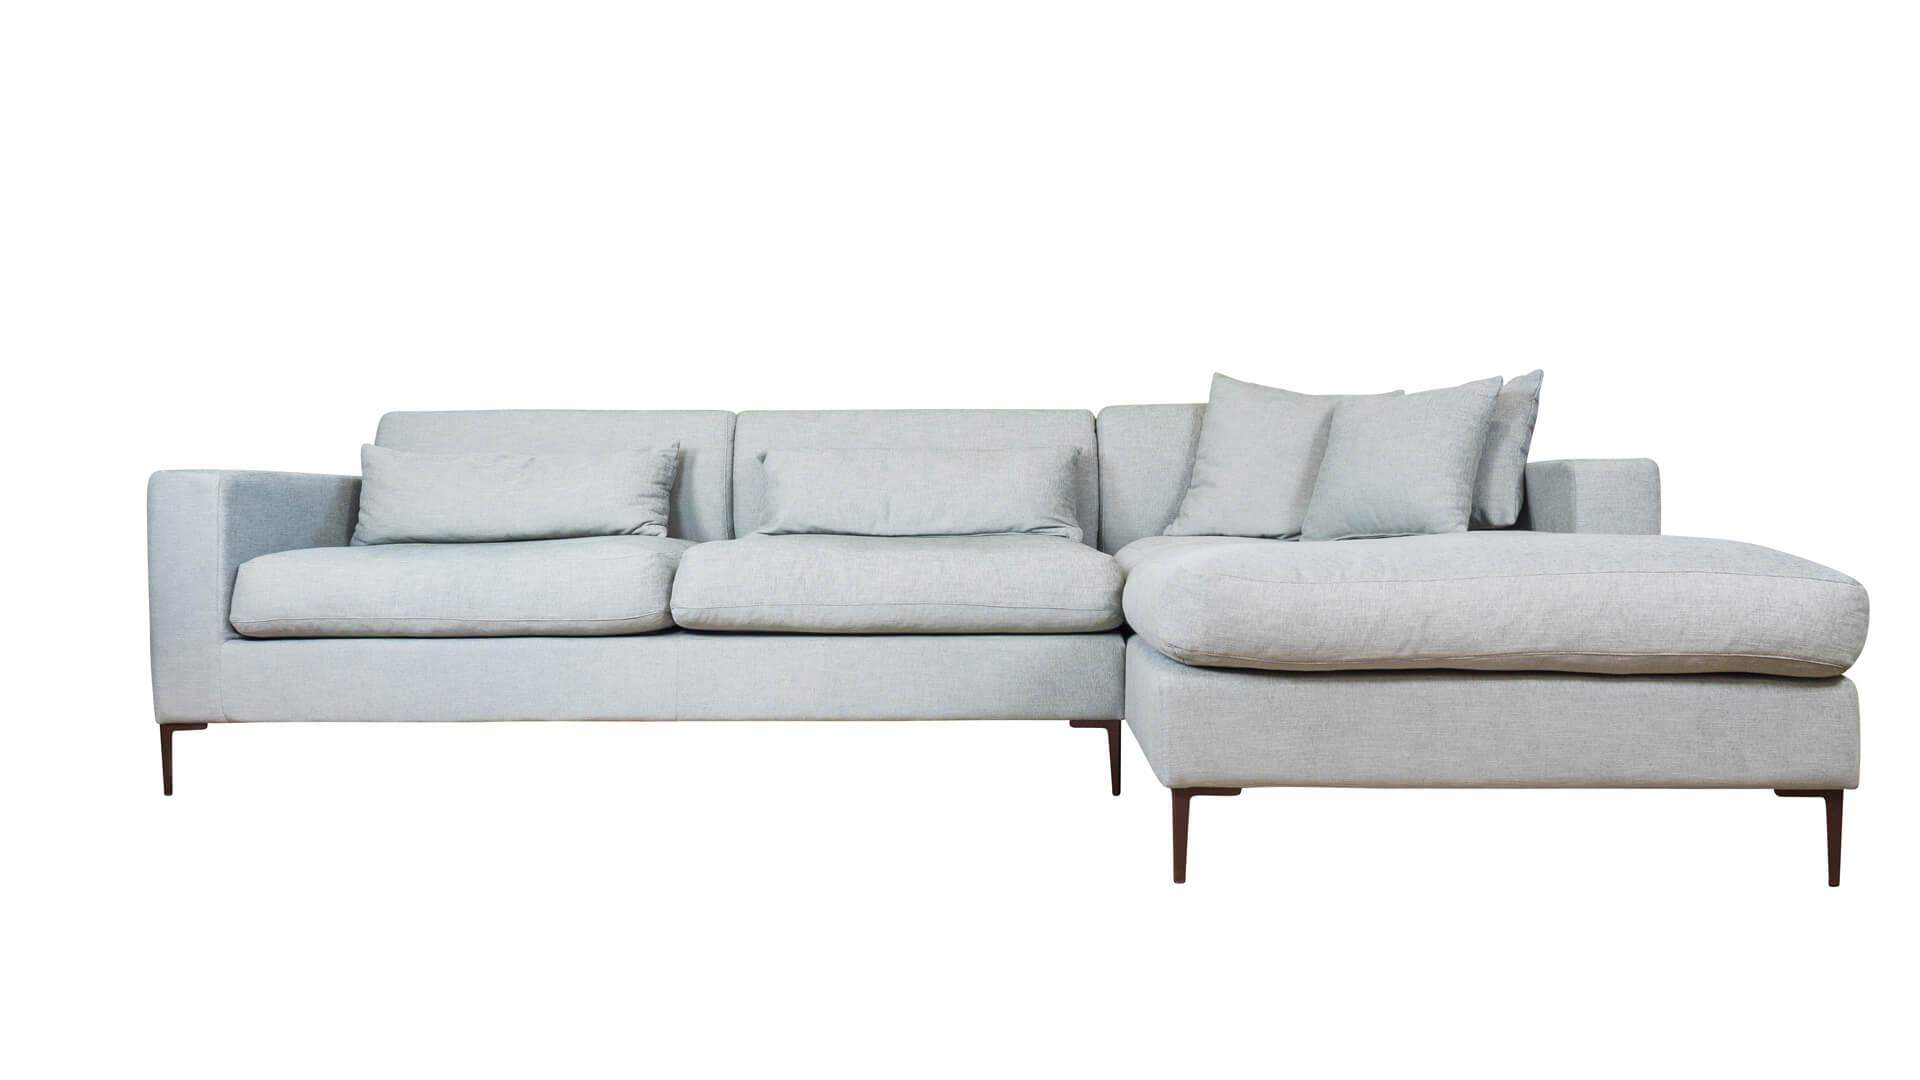 Full Size of Lounge Sofa Garten Comfortmaster Rotes Zweisitzer Sitzhöhe 55 Cm Xora Big Weiß Englisches überwurf Mit Relaxfunktion Benz Schlaffunktion 3 Sitzer Sofa Xxl Sofa Günstig